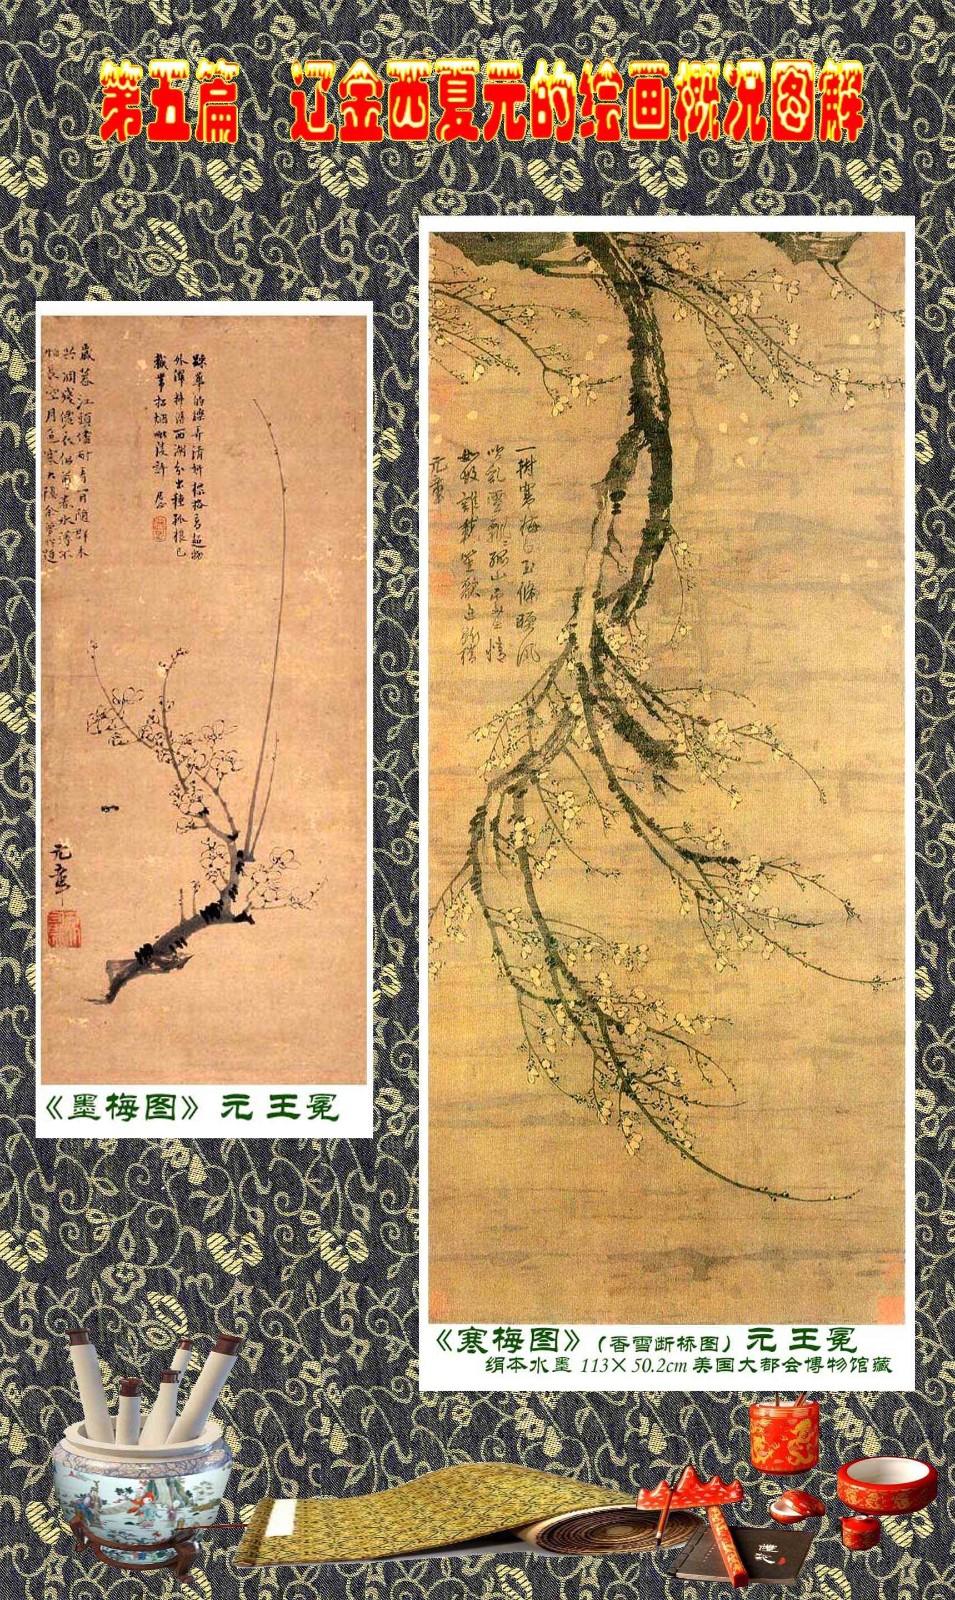 顾绍骅编辑 中国画知识普及版 第五篇 辽金西夏元的绘画概况 下 ... ..._图1-55